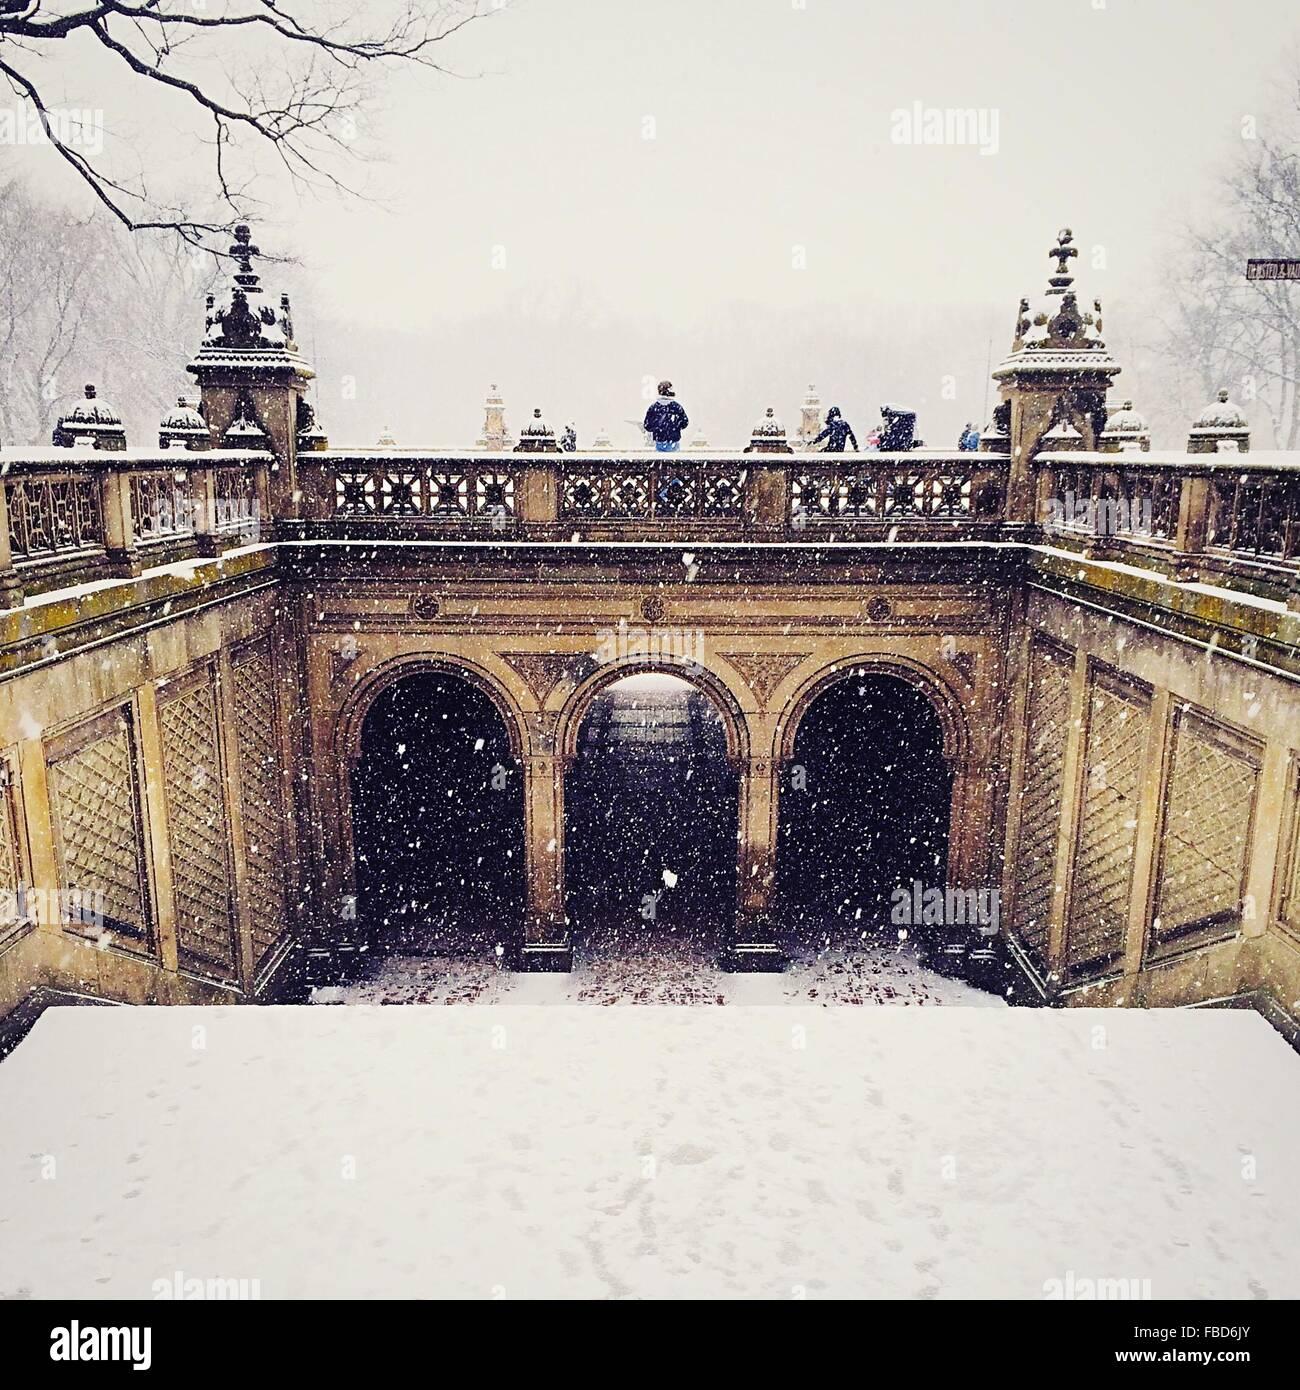 La gente sul ponte in caso di neve contro il cielo chiaro Immagini Stock